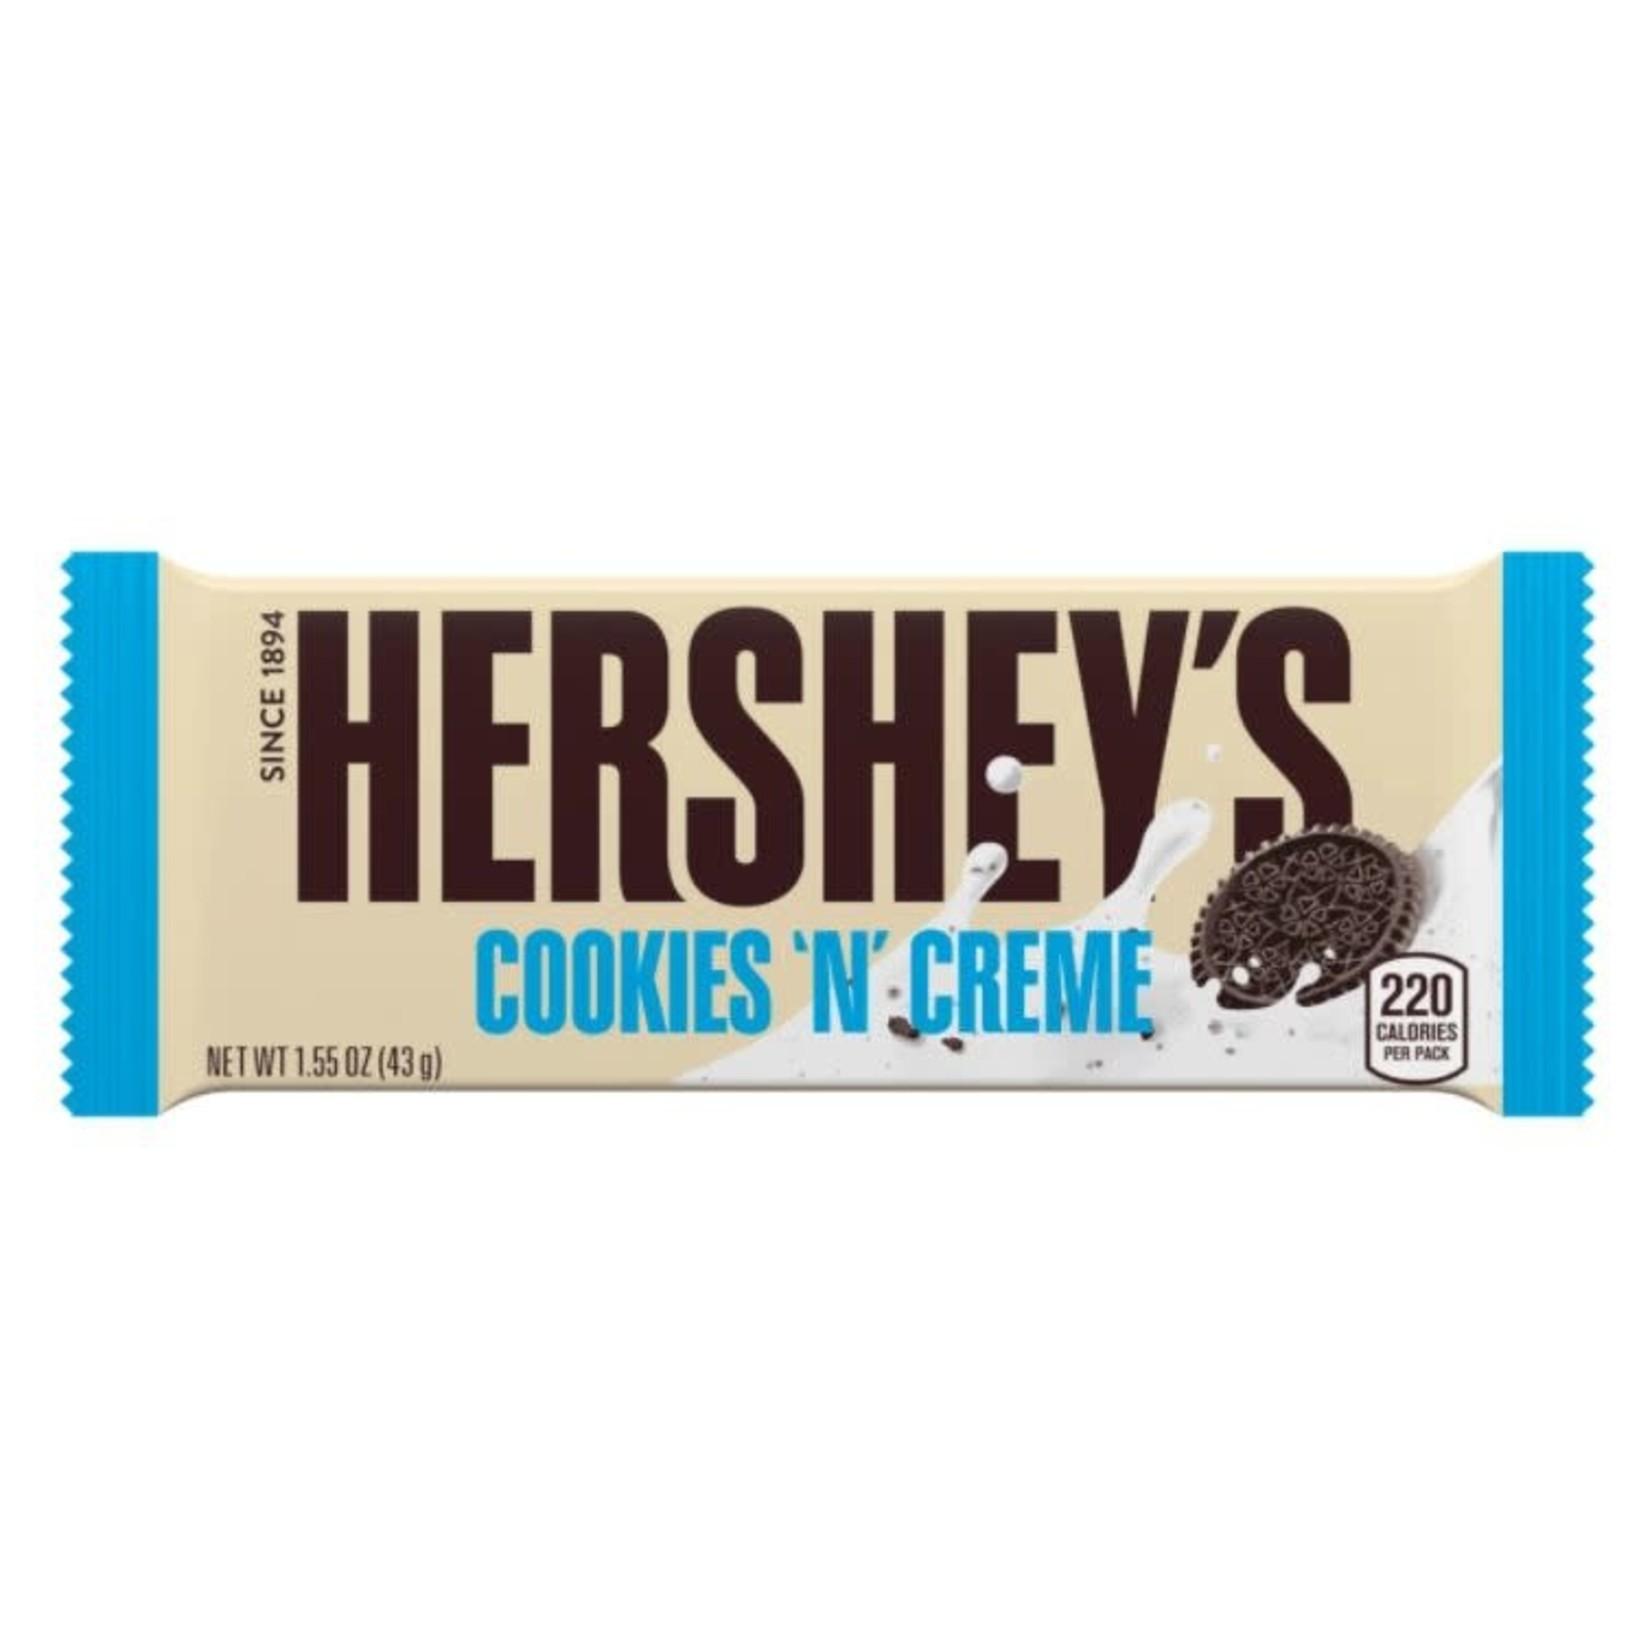 Hershey Cookies 'n Crème, 43g